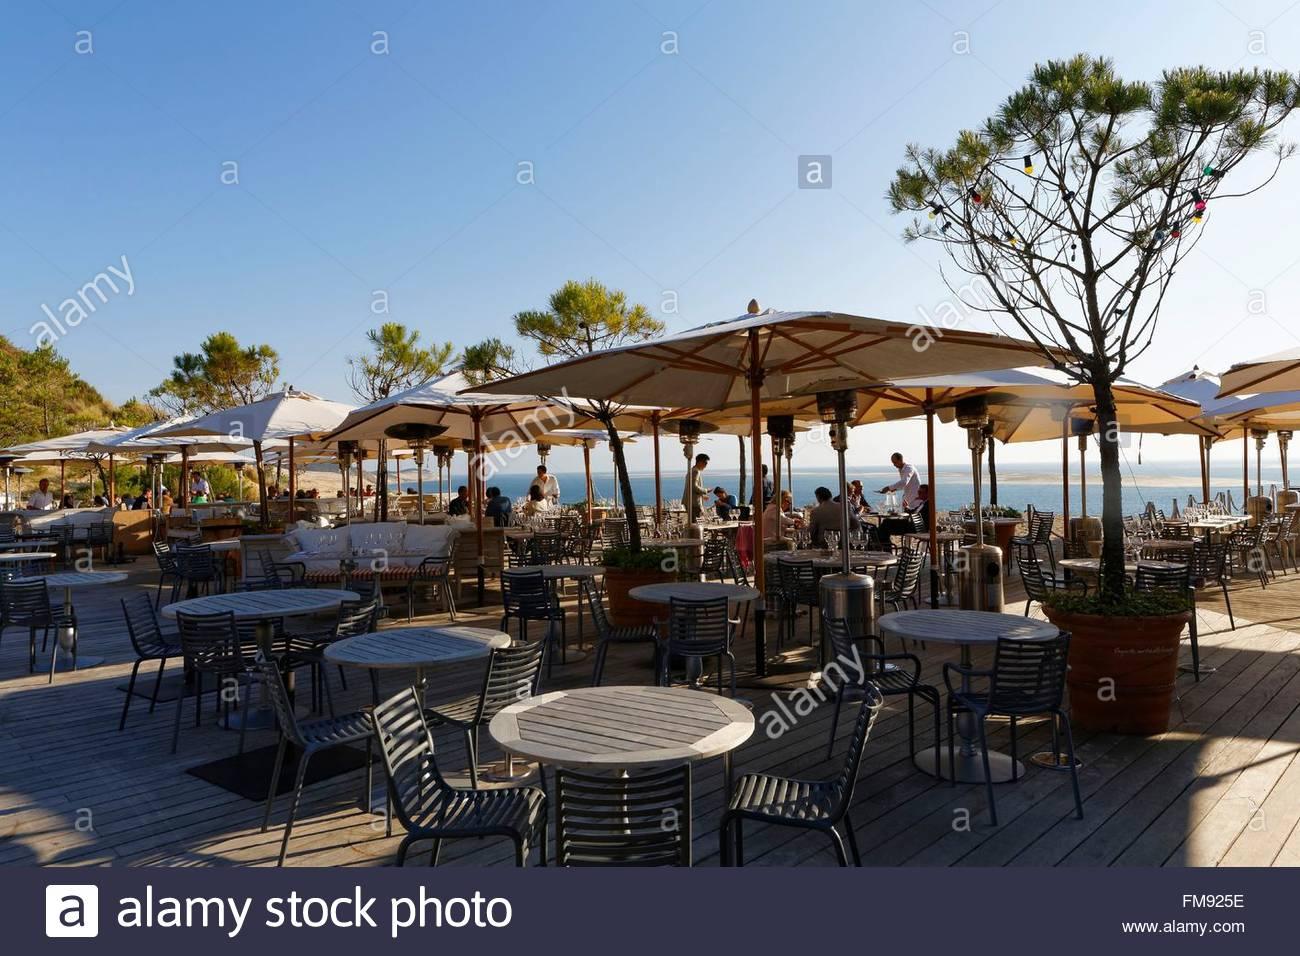 France gironde bassin d 39 arcachon pyla sur mer la corniche hotel stock - Hotel la corniche pilat ...